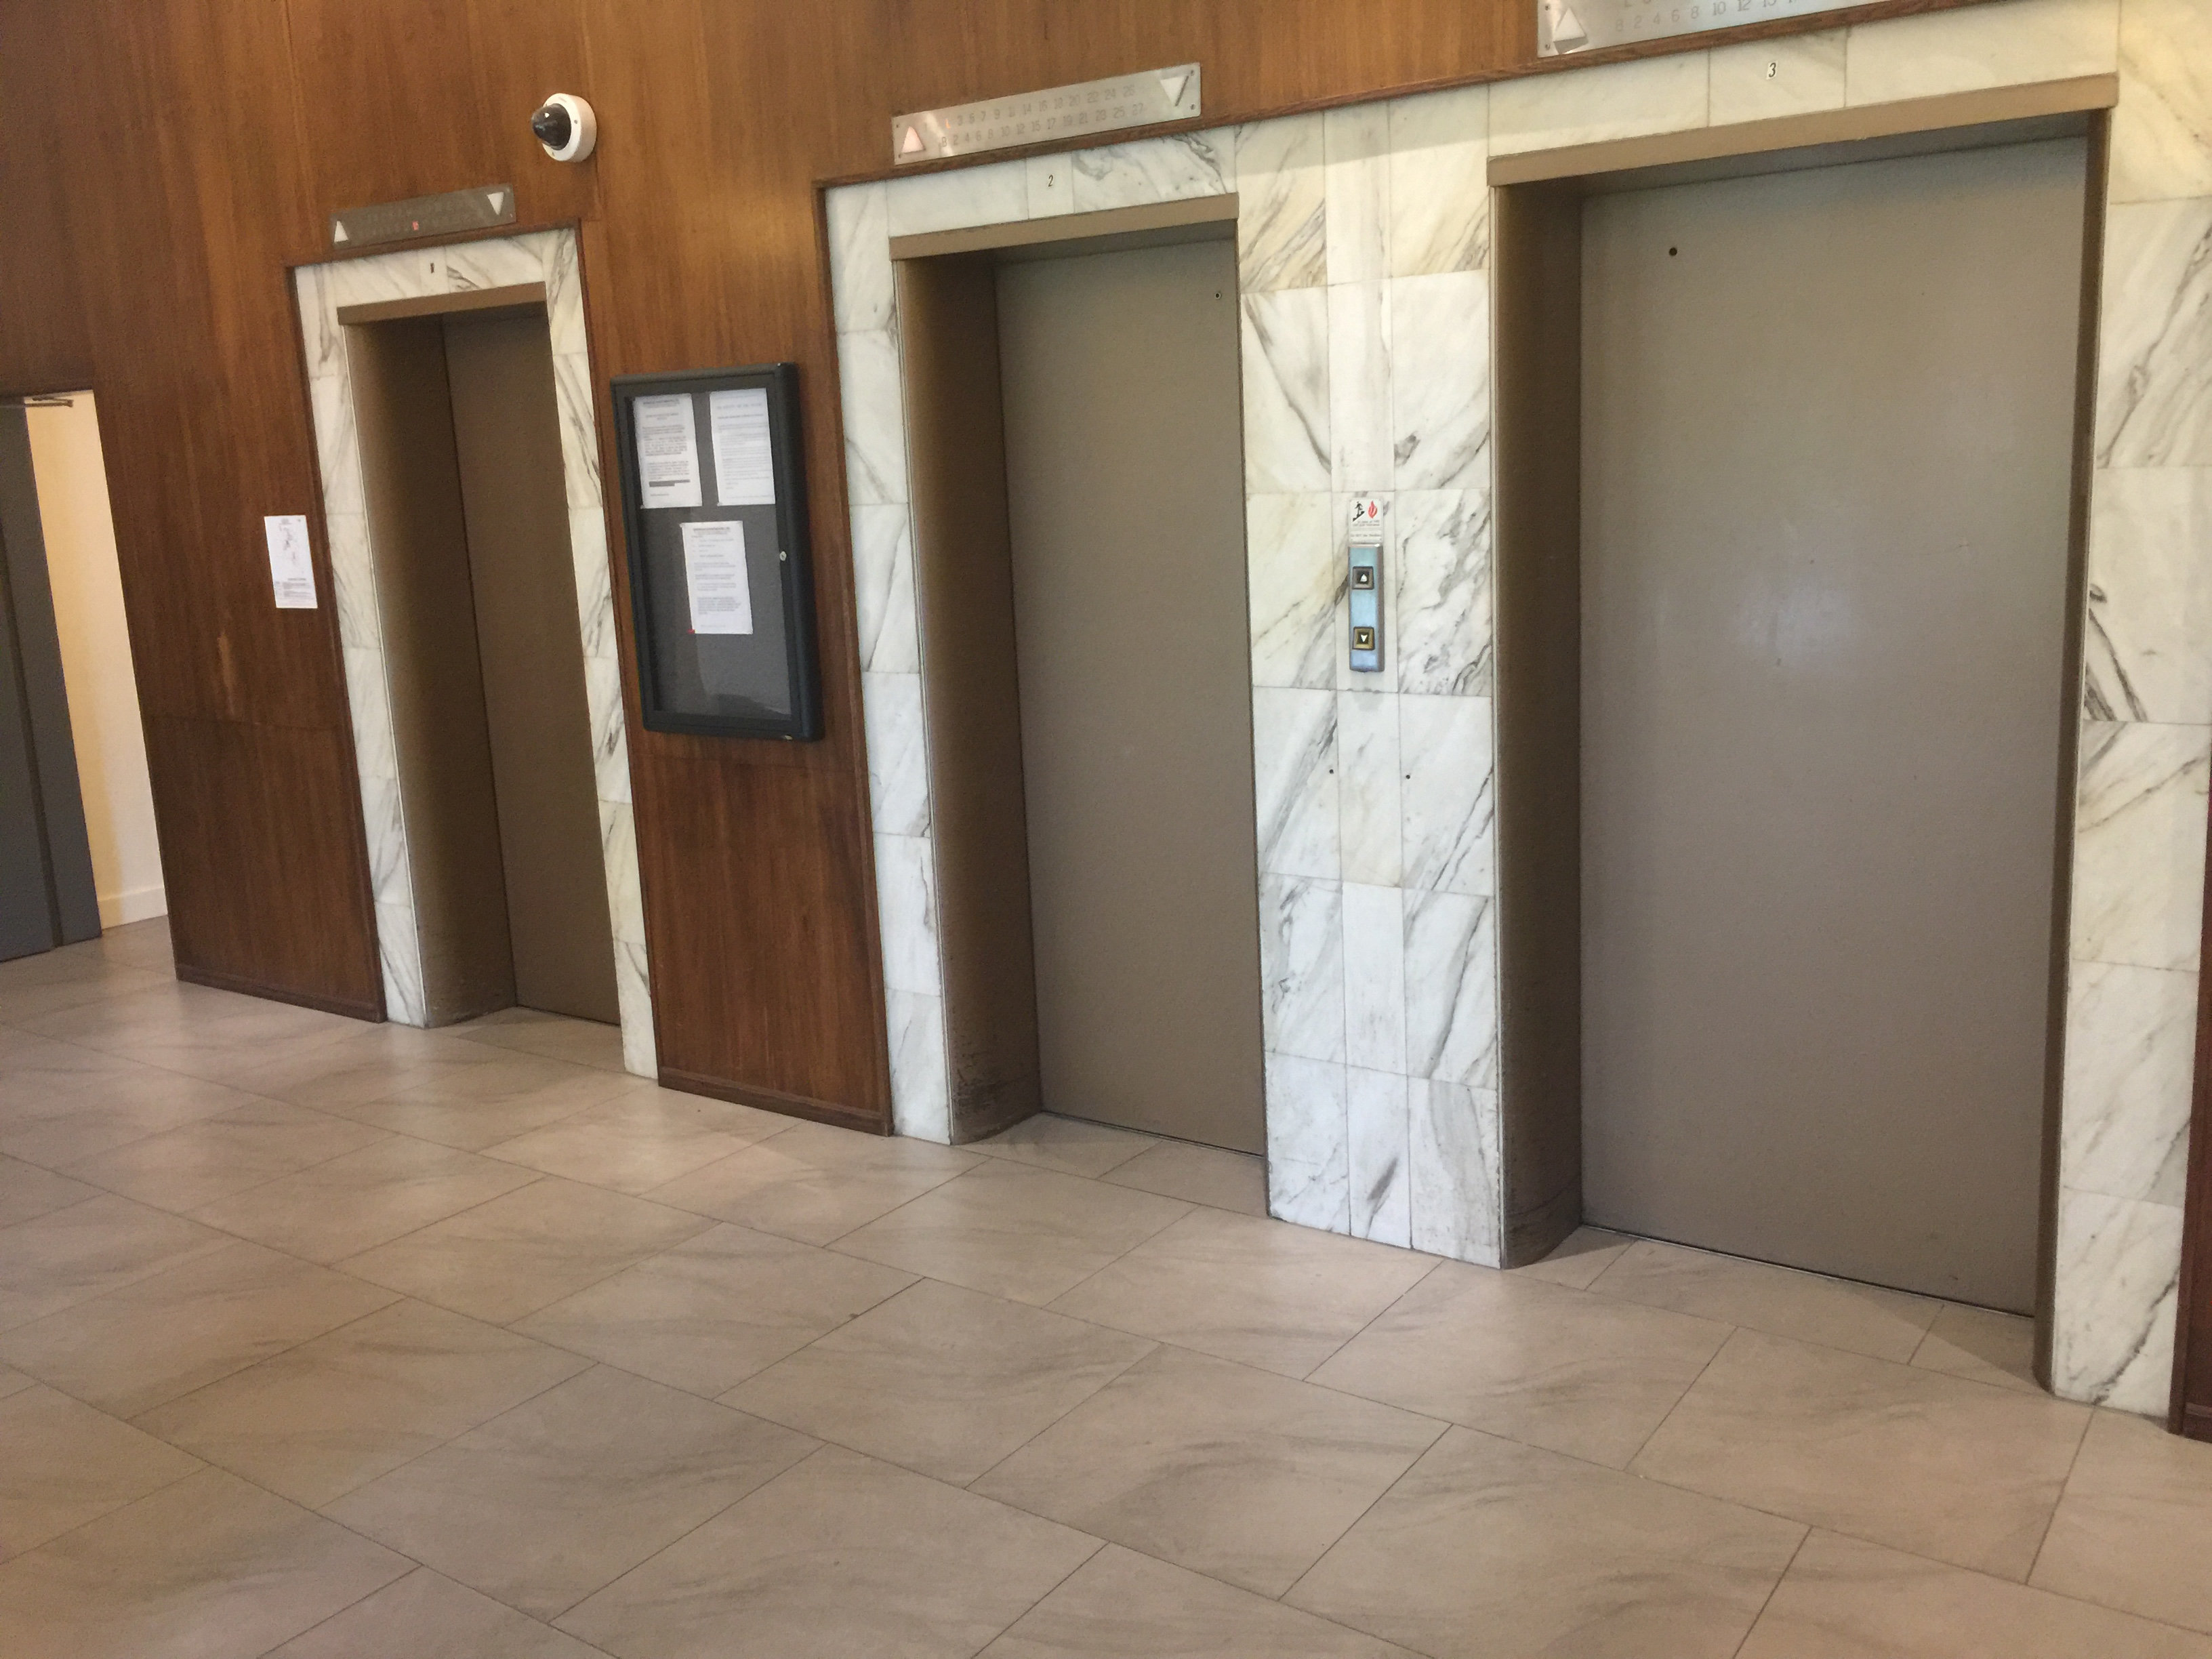 1850 Comox Lobby Elevators!